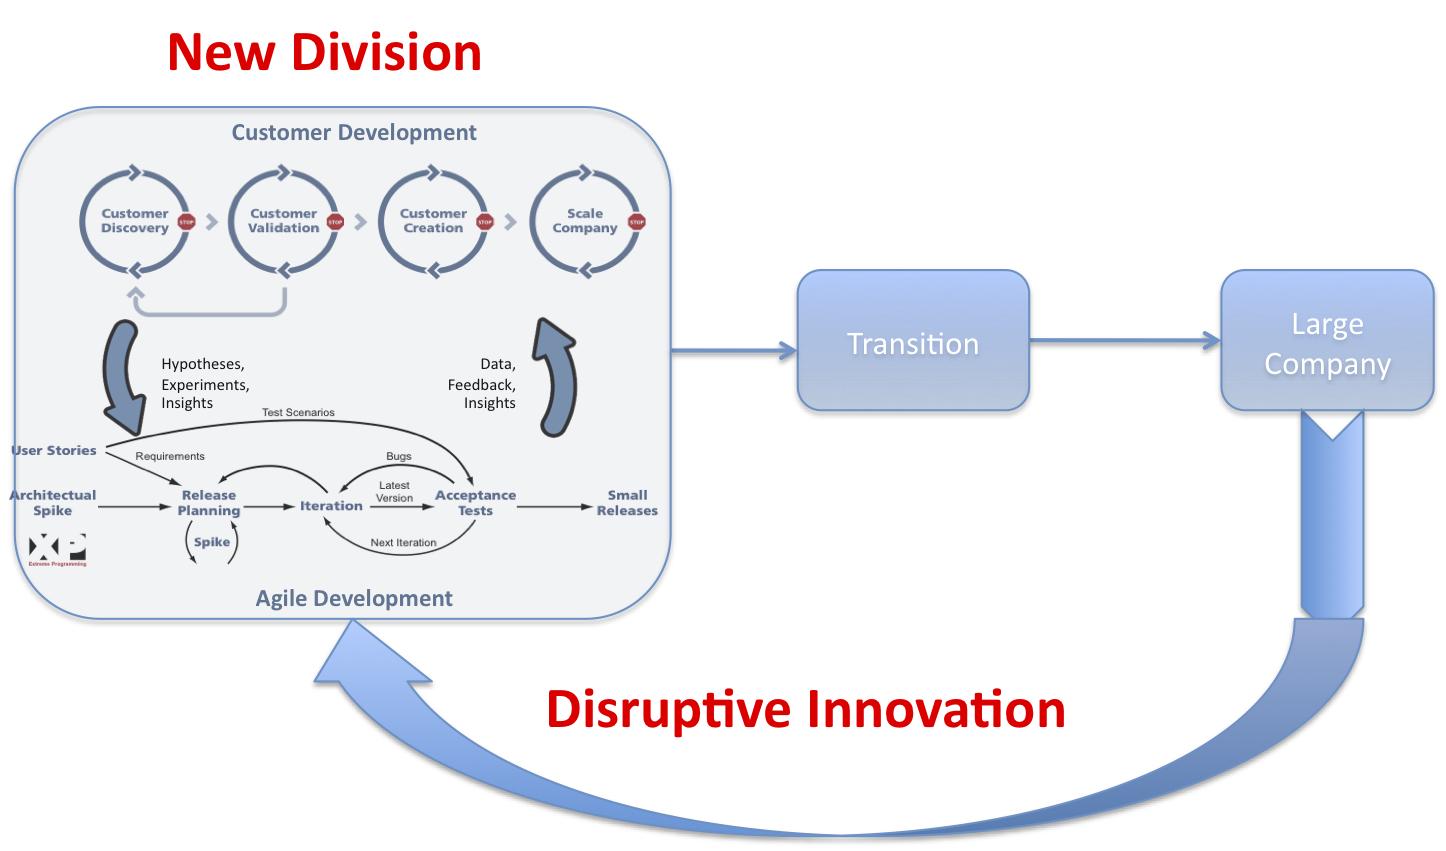 disruptive-innovation-process - Disruptive innovation - Technology